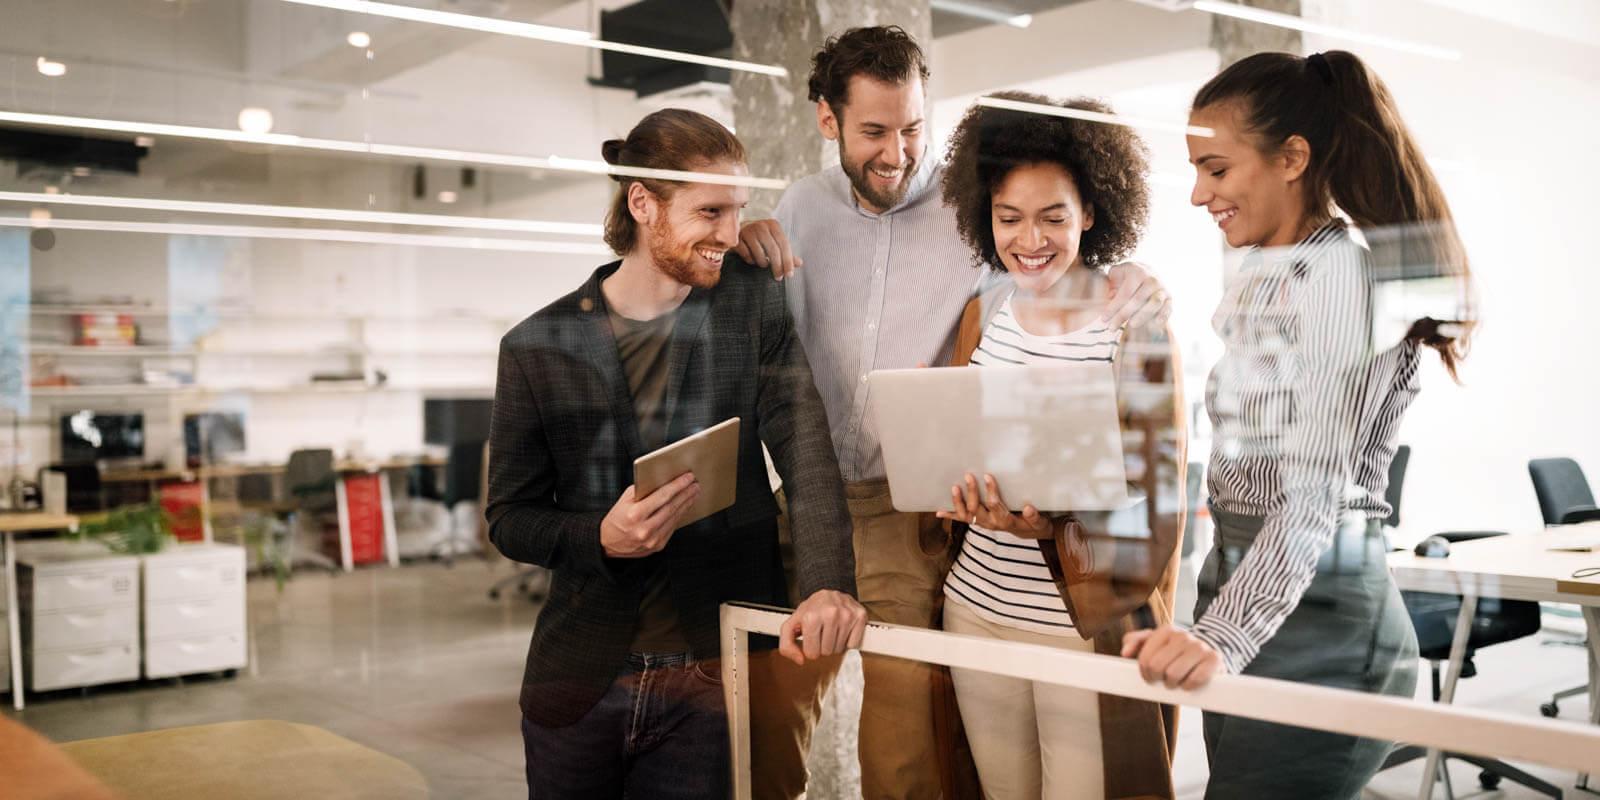 Vier Kollegen schauen gemeinsam in ihr Intranet auf dem Laptop